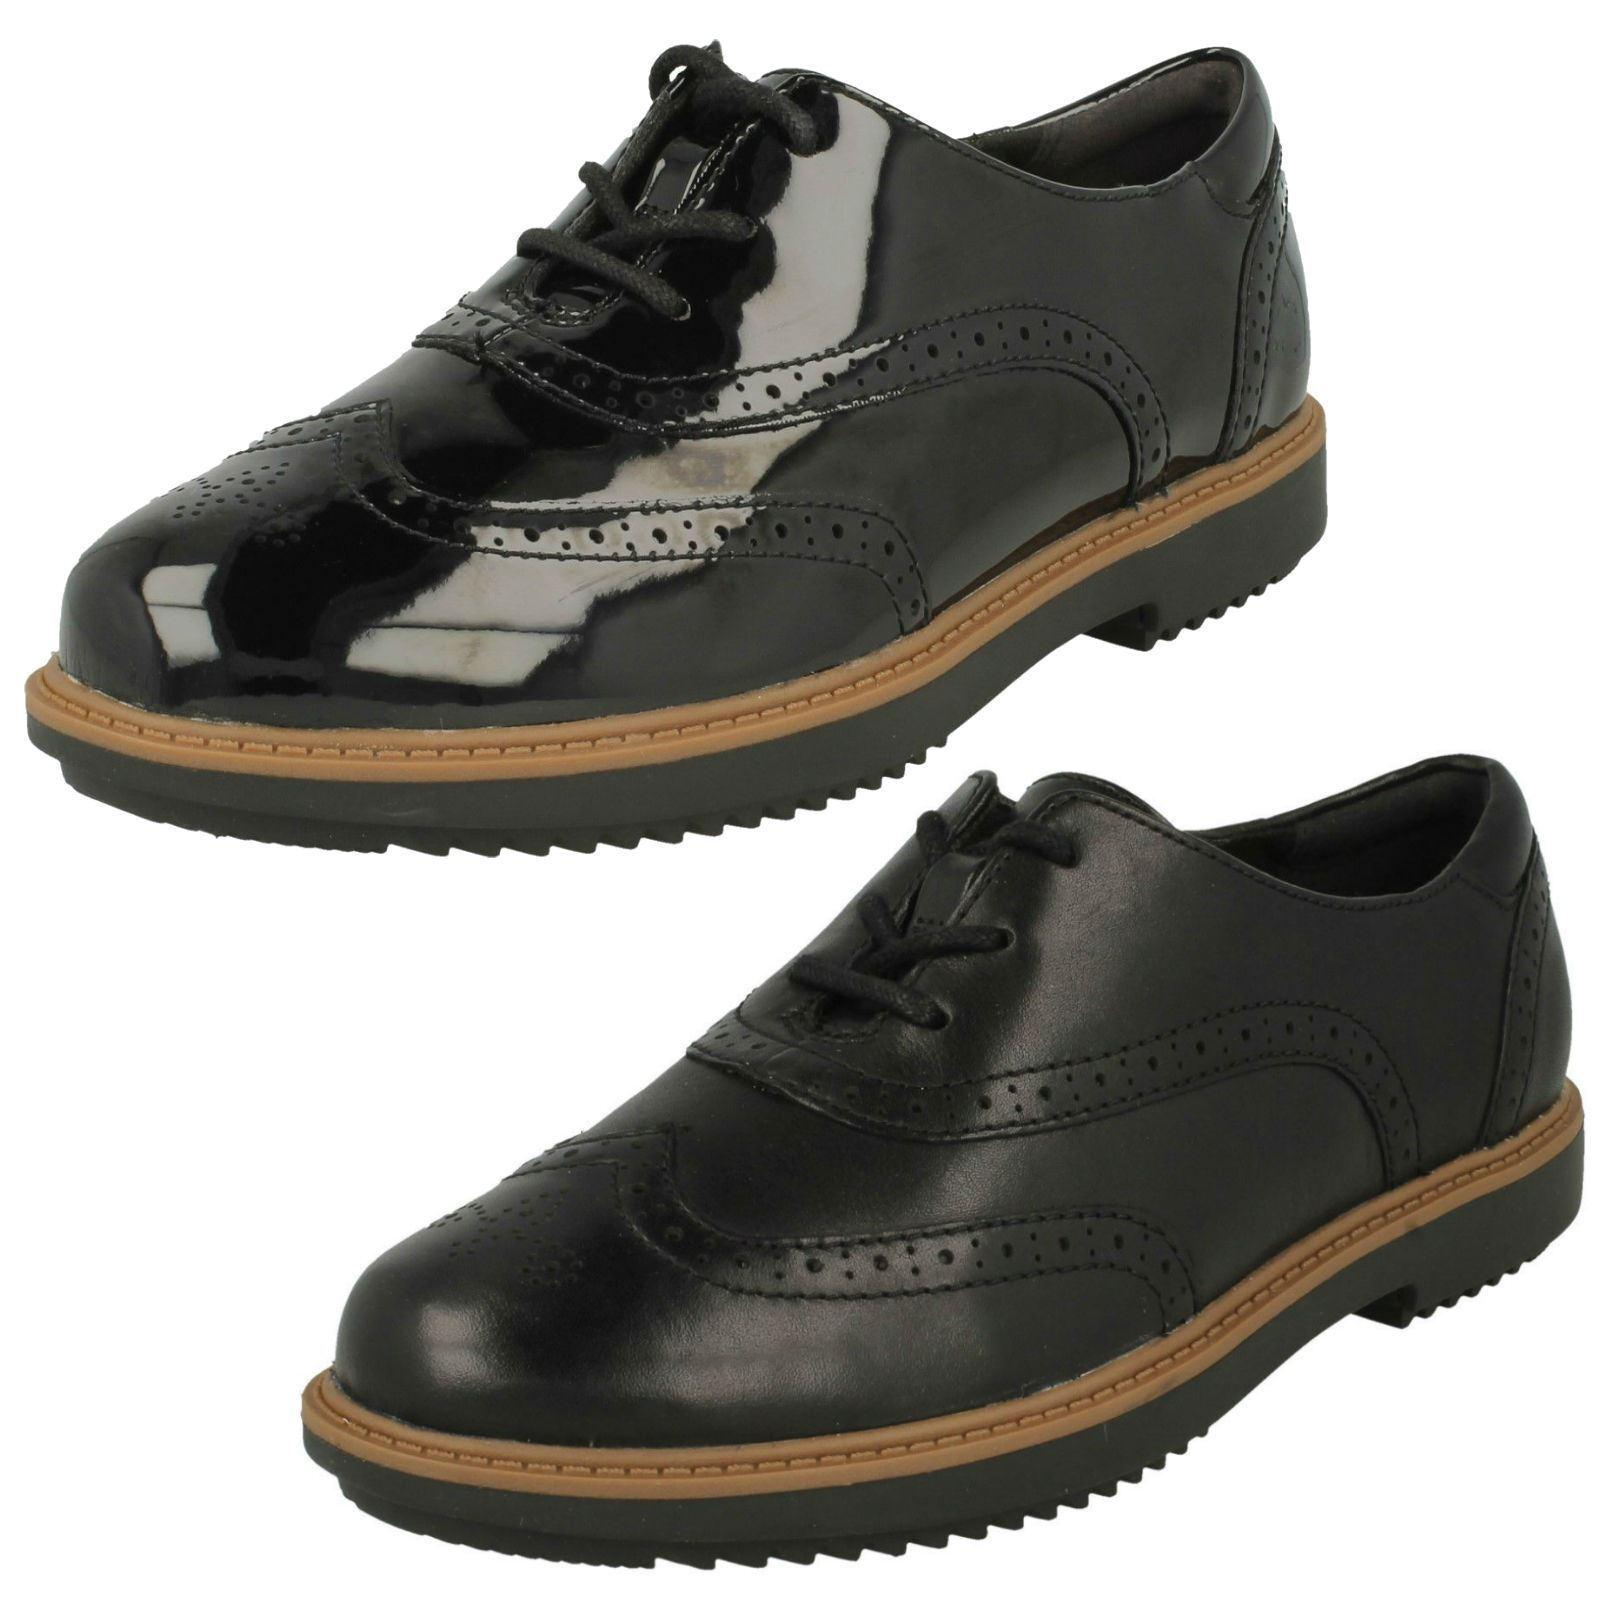 Damenschuhe Clarks Raisie Schuhe Stringate Brogue - Raisie Clarks Hilde c5c1ab